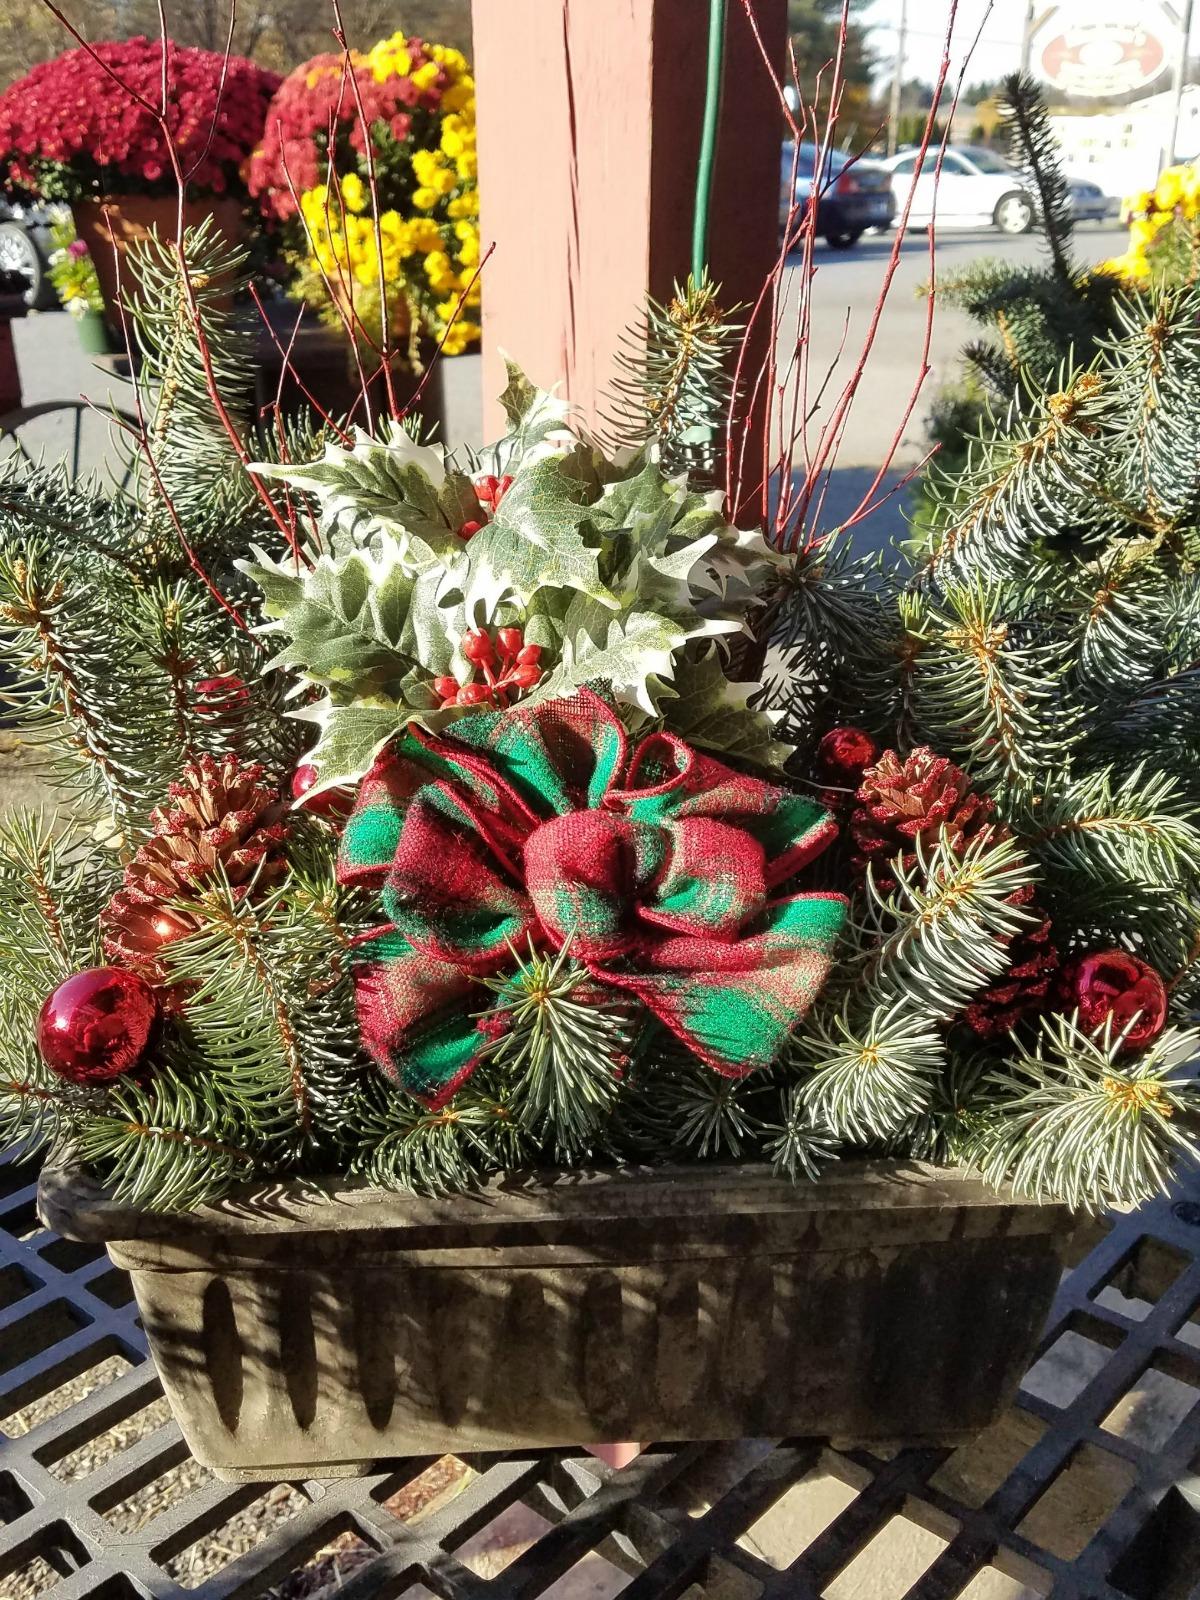 Herbeins Garden Center Christmas Log